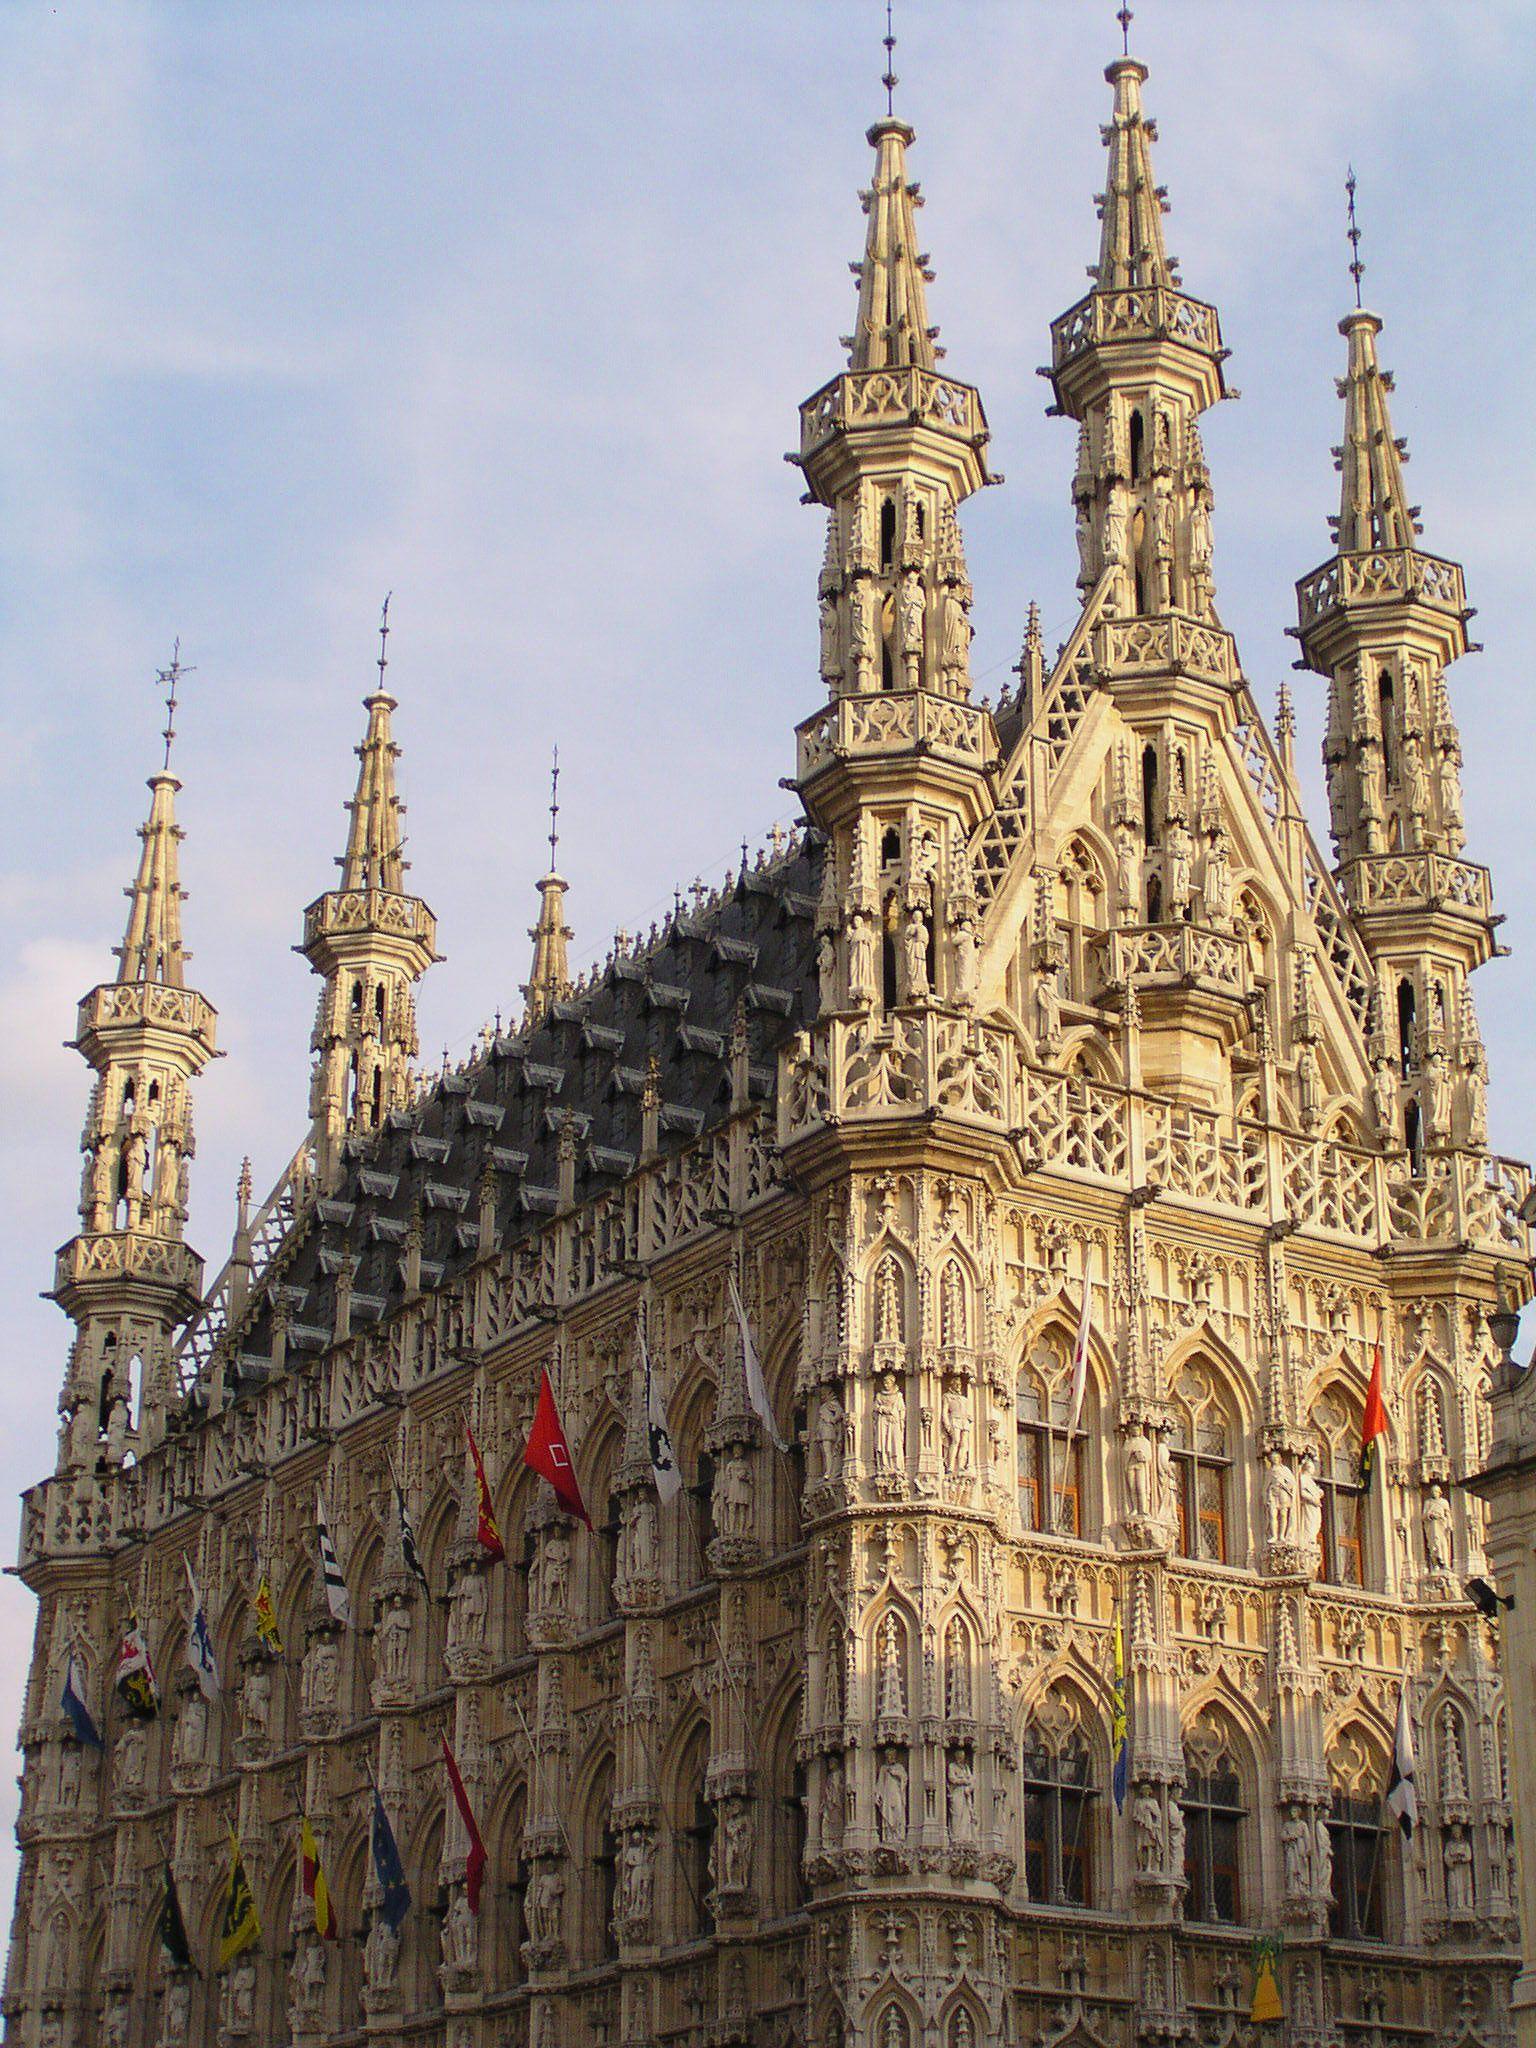 Stadhuis Van Leuven Gothic Architecture Belgium Leuven